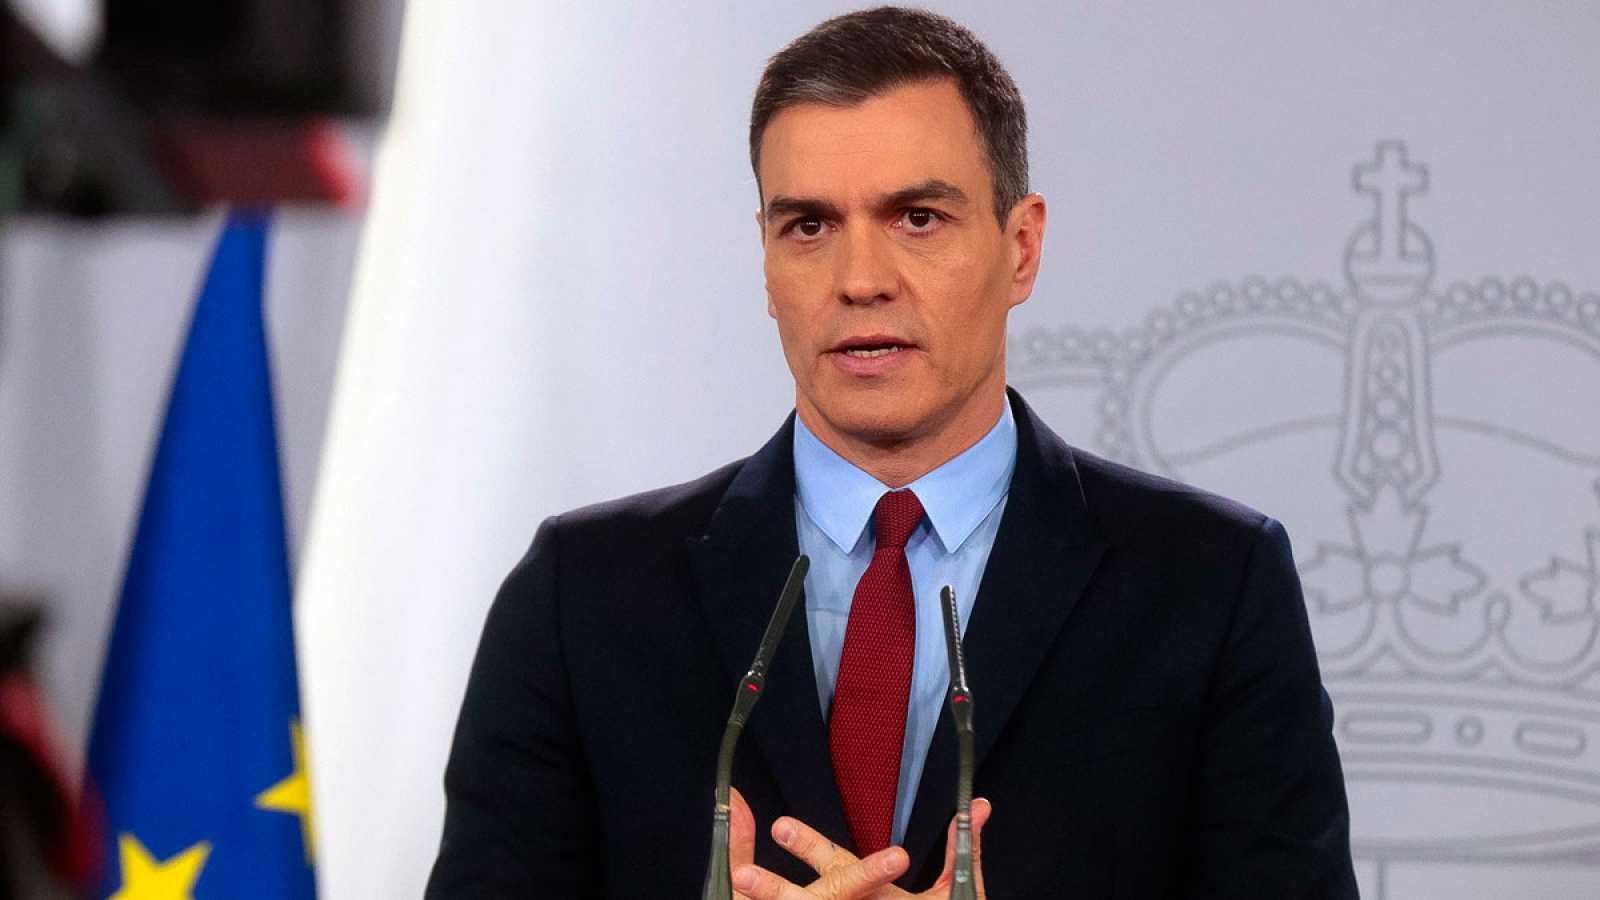 """Sánchez apoya las medidas de Felipe VI en relación con su padre y cree que son """"necesarias y coherentes"""""""